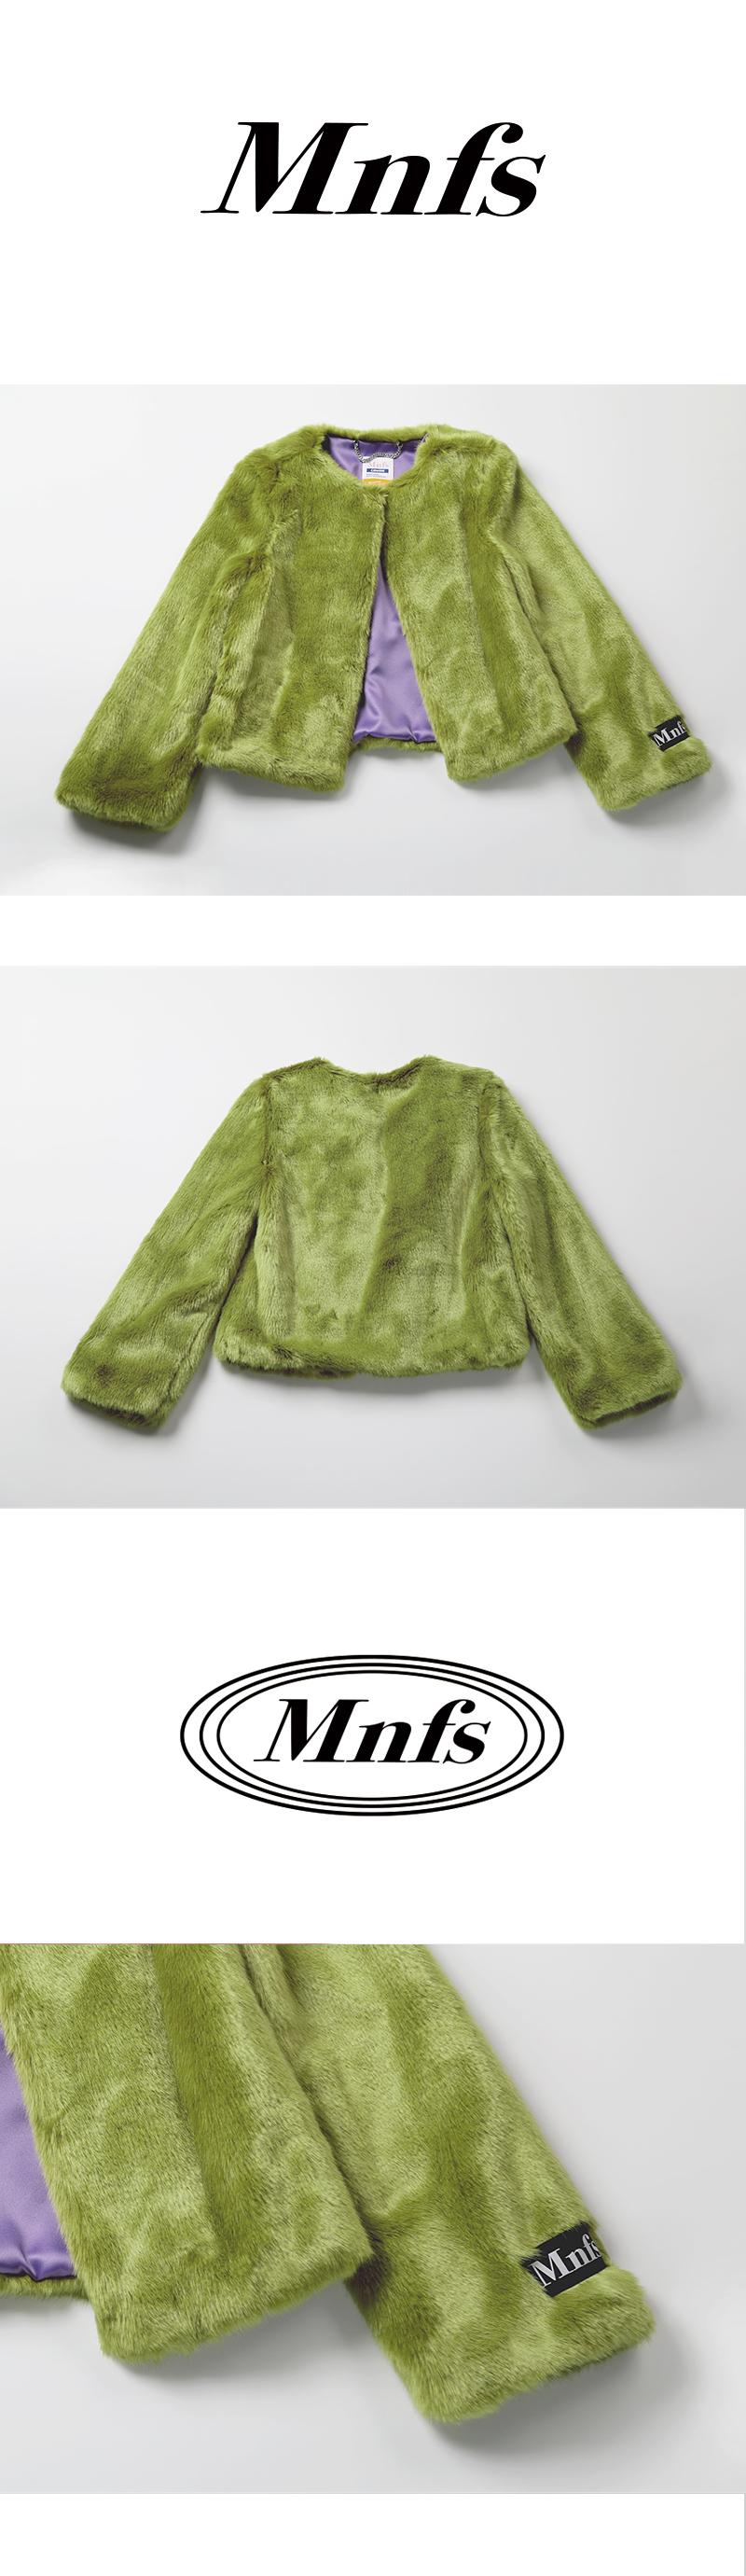 미뇽네프(MIGNONNEUF) 크롭 퍼 자켓 그린_furjacket green